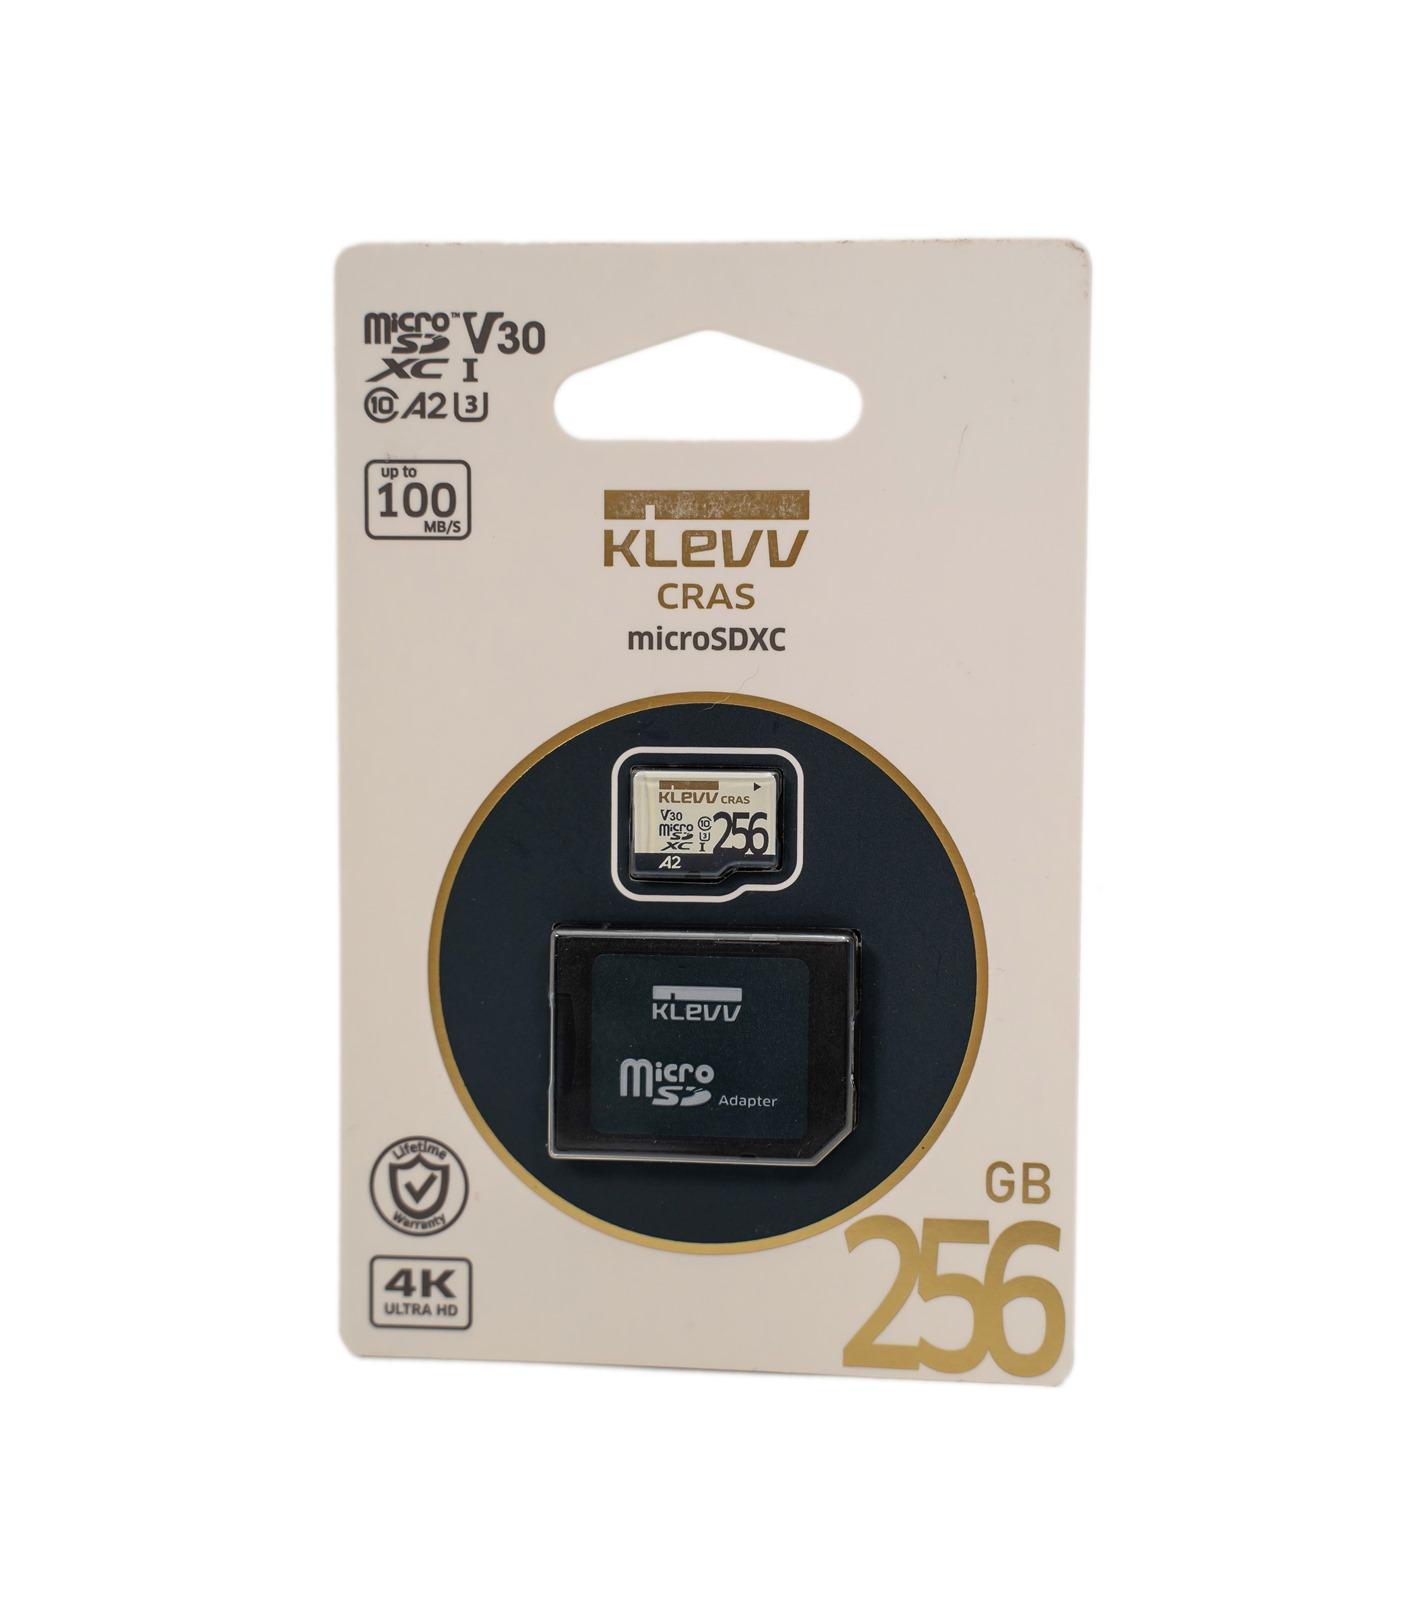 【開箱】KLEVV科賦MicroSDXC 256GB記憶卡實測